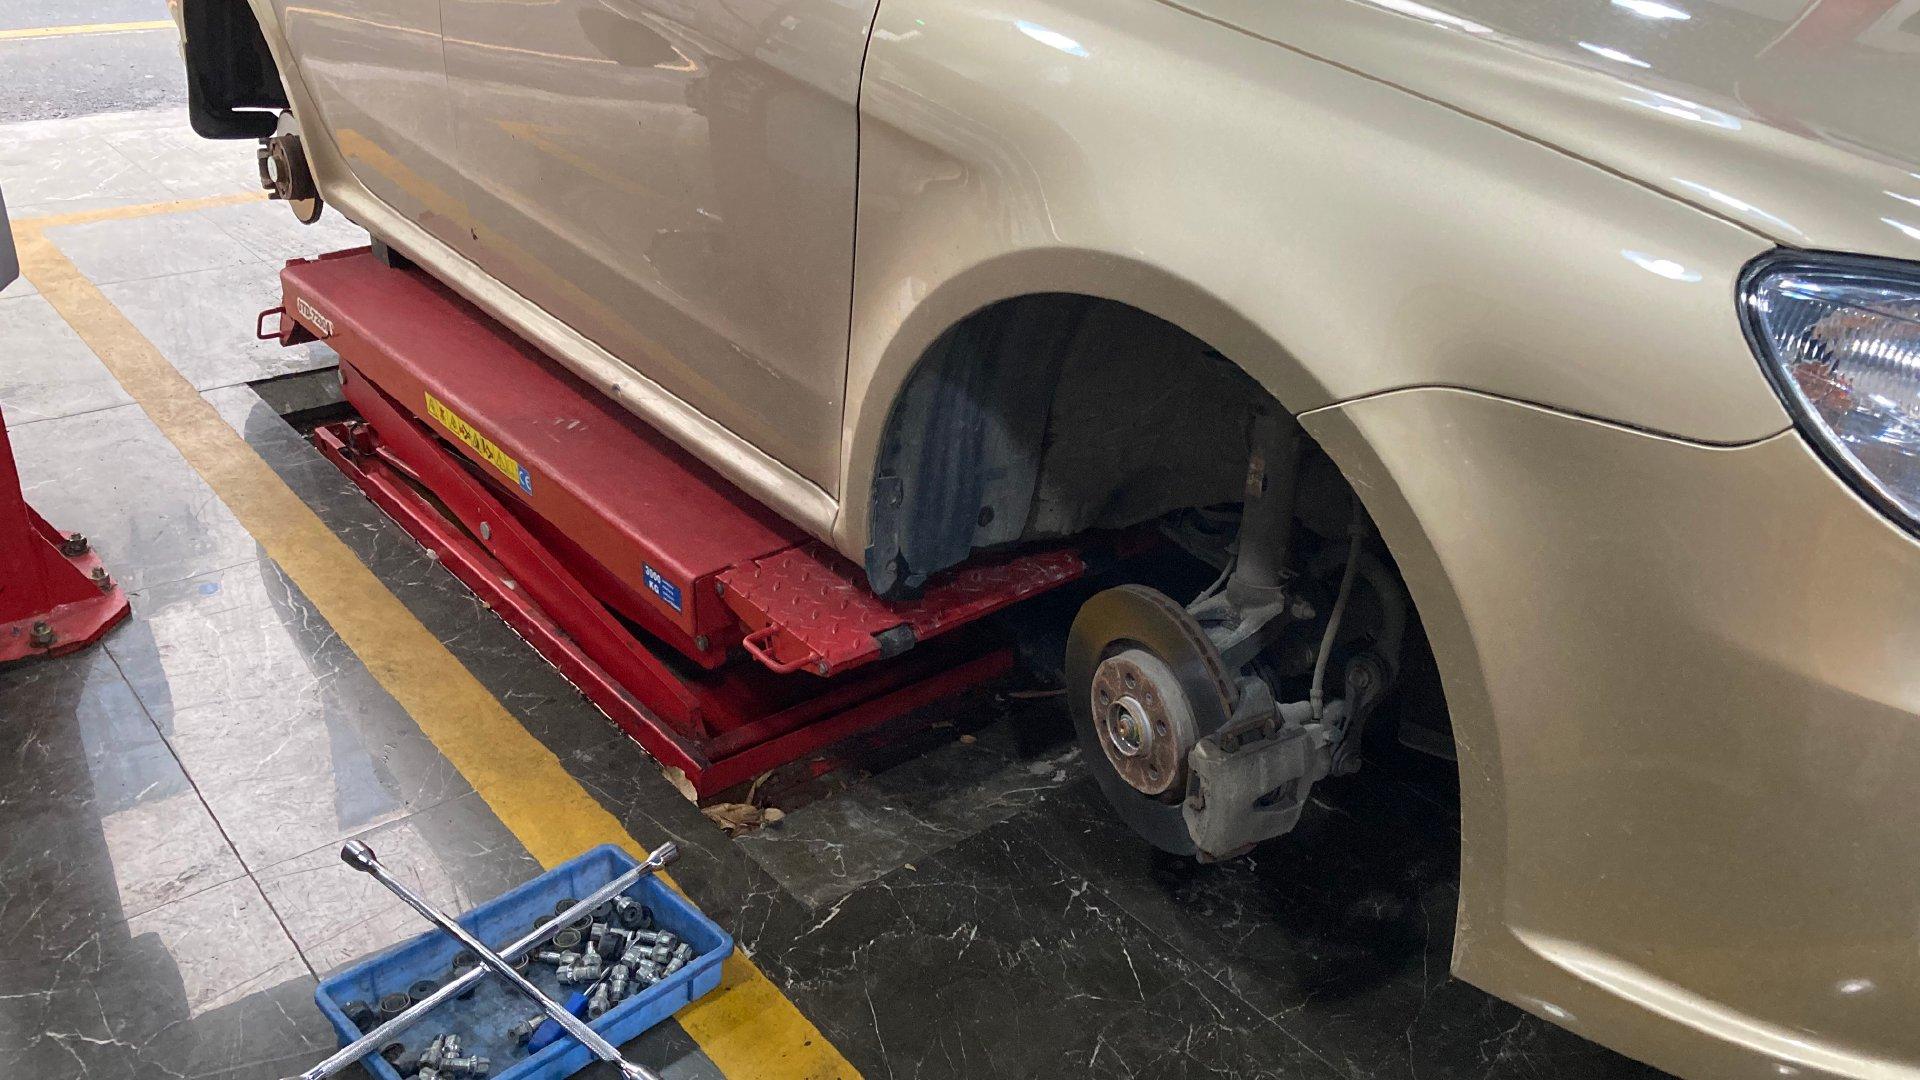 一次追尾引发的行车安全反思—途虎TH1胎压监测安装记